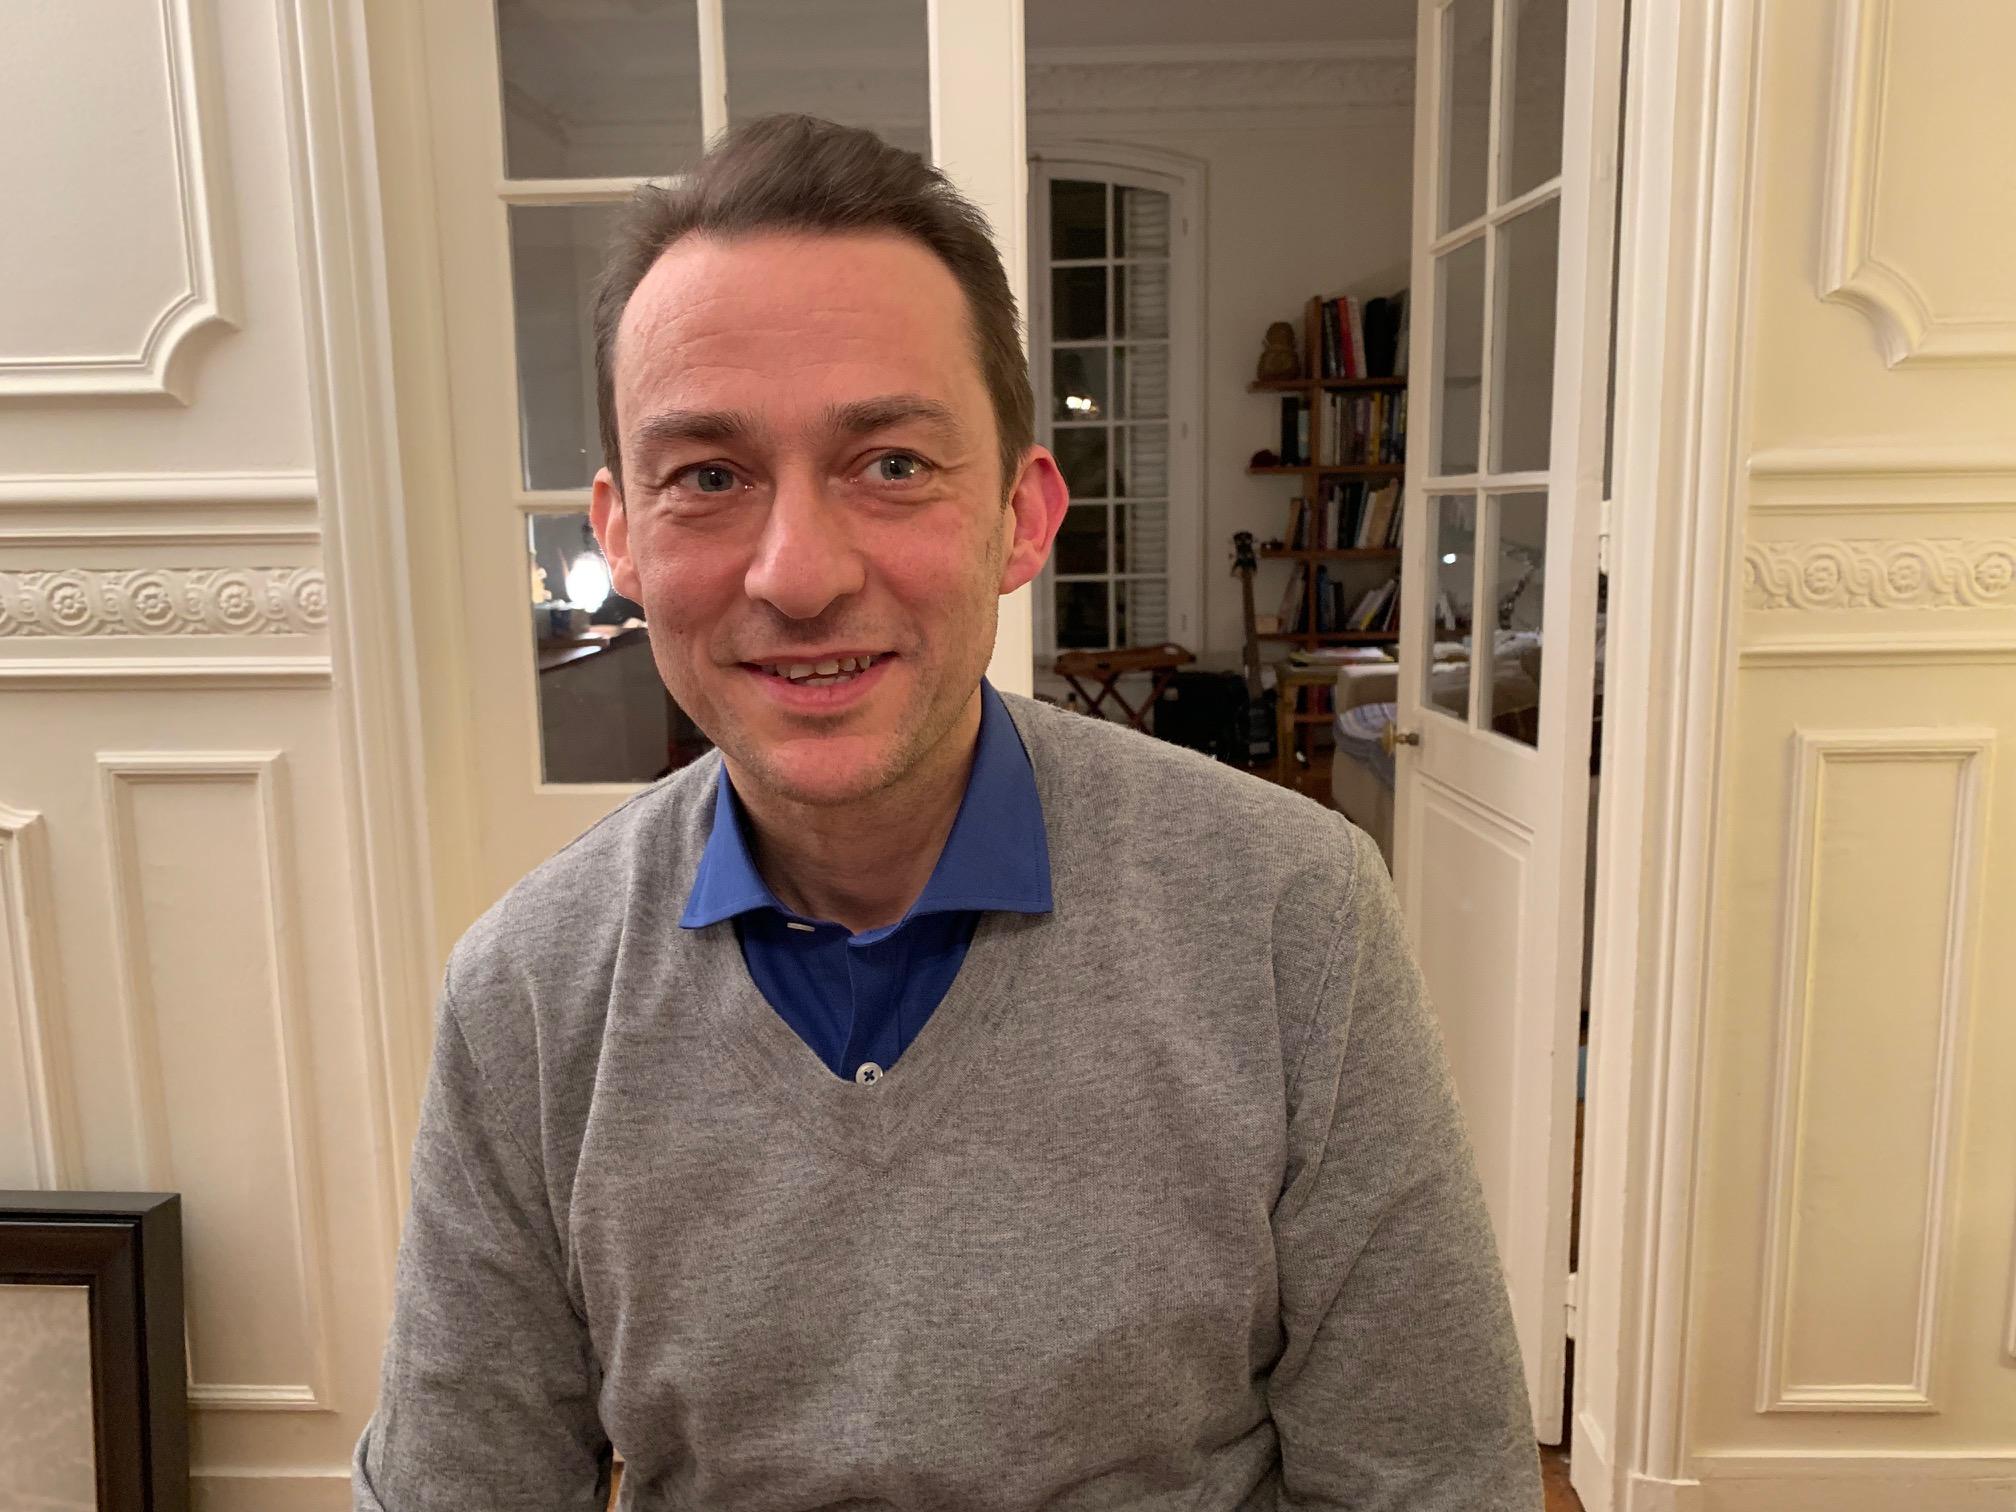 滞仏日記「フランスのお父さんの本音、聞きたくないですか?」